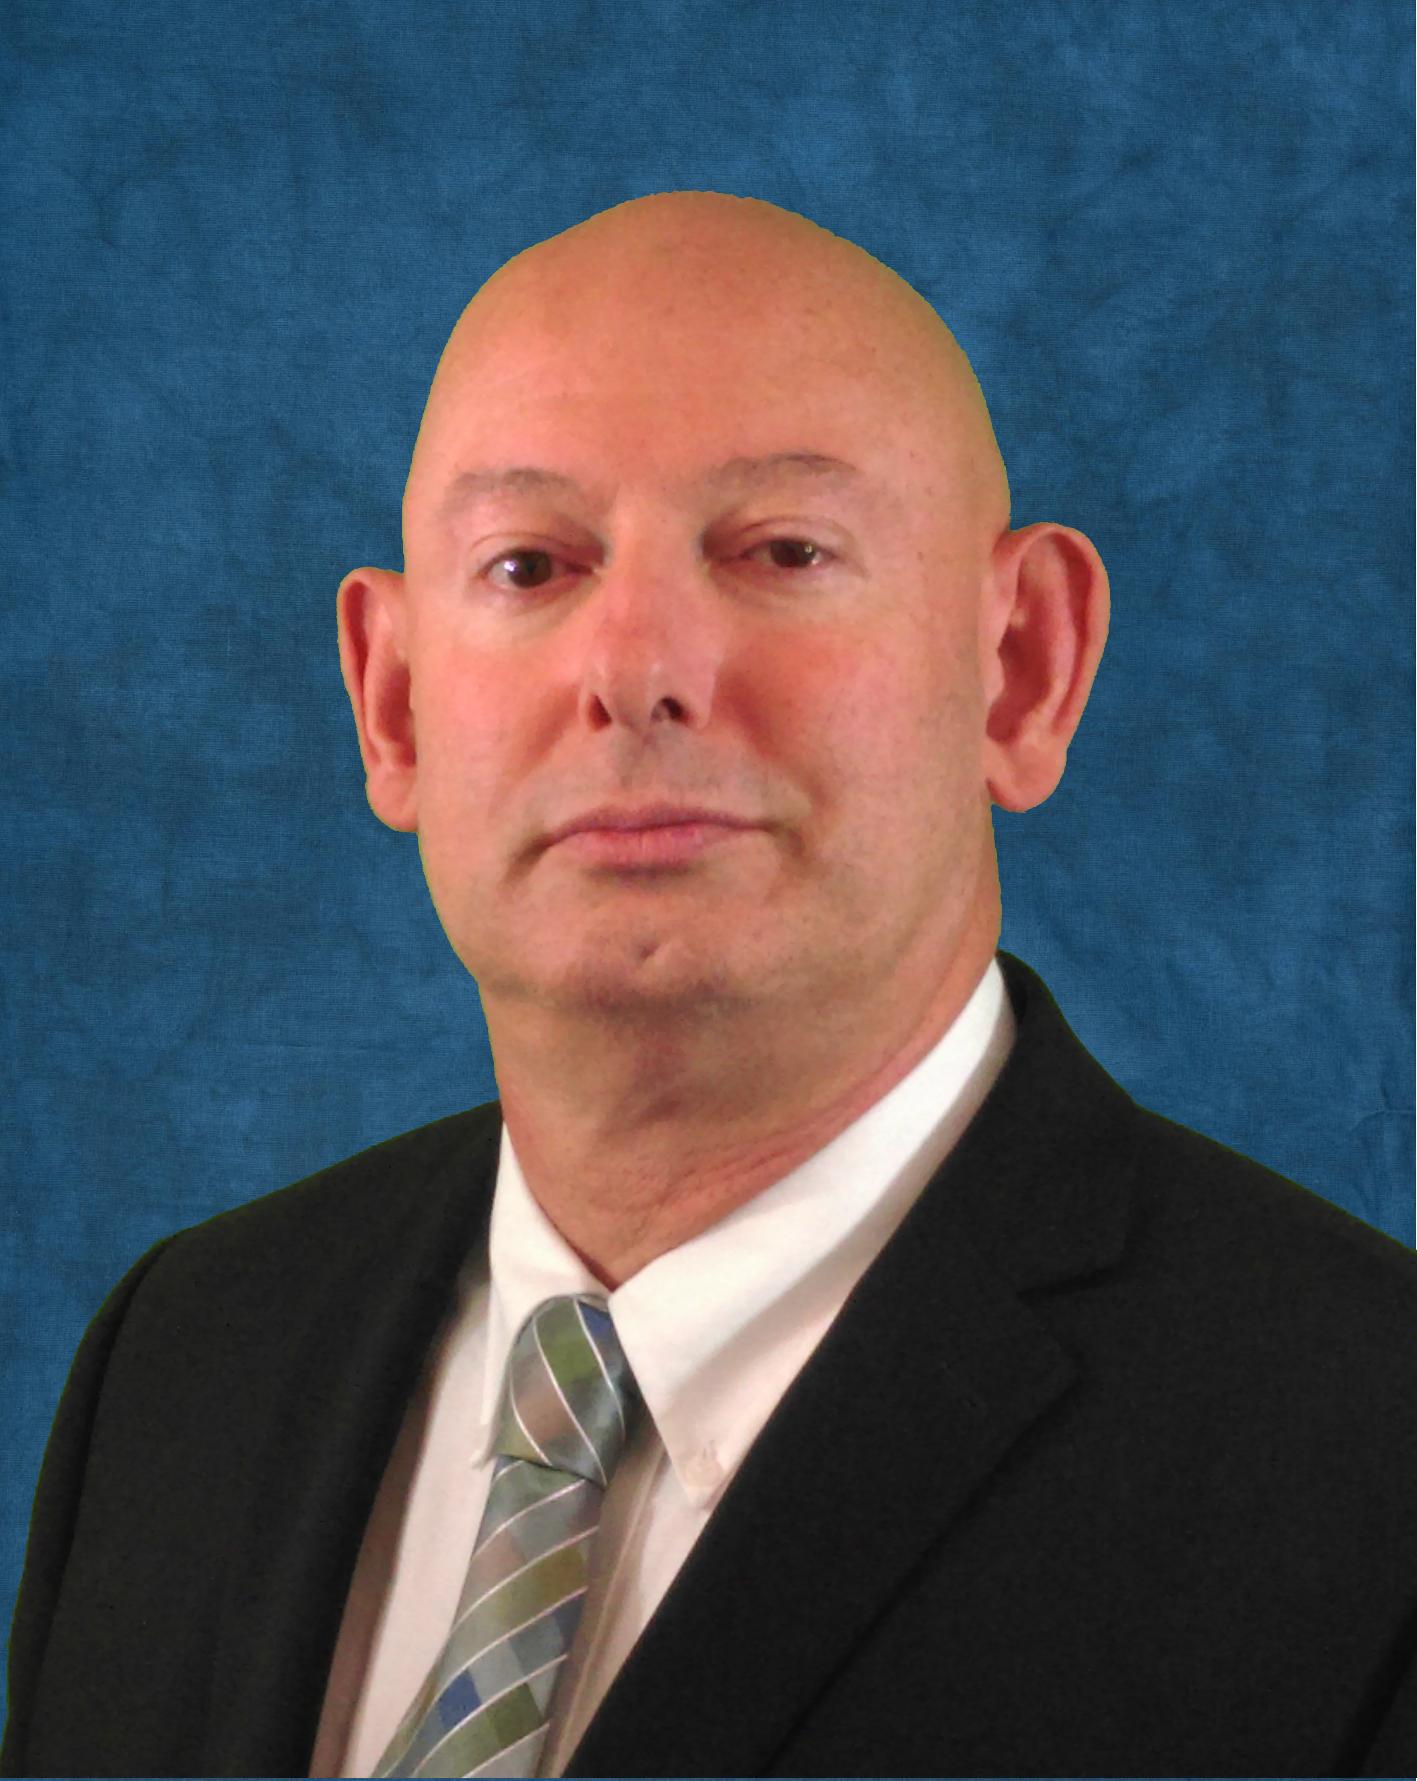 Michael Petrin